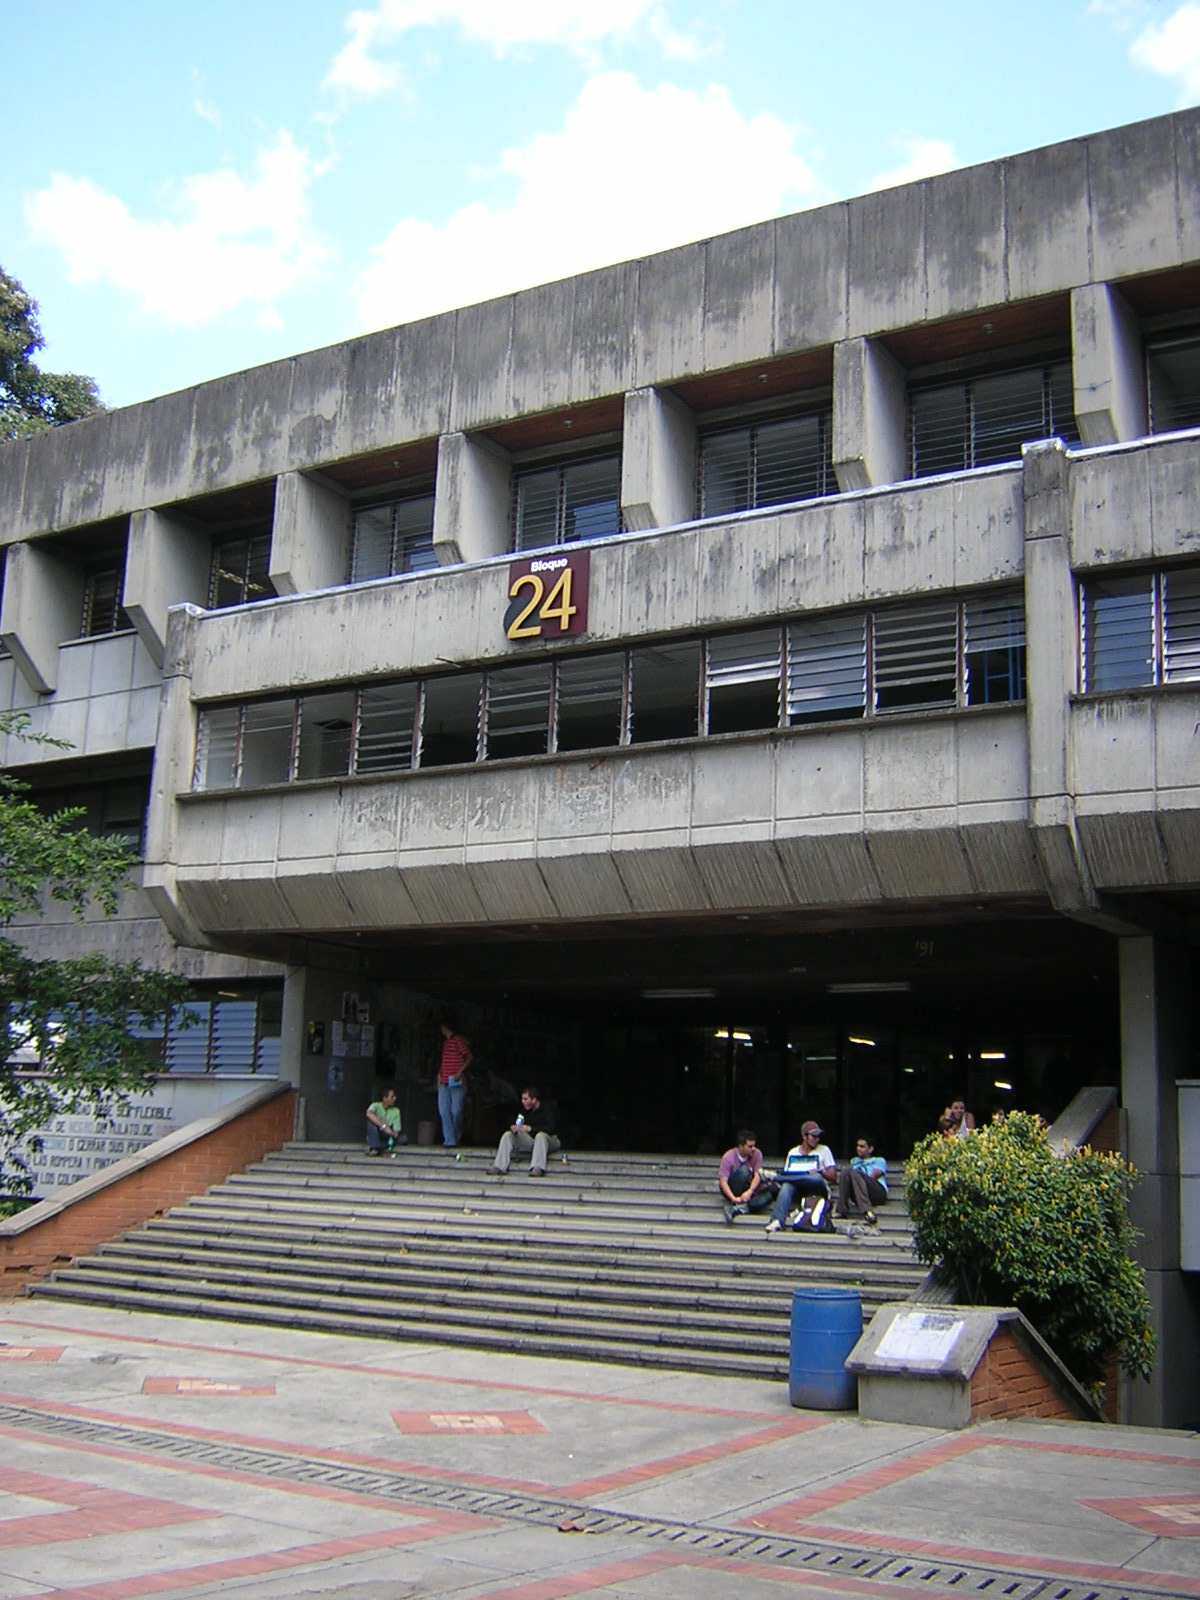 Facultad de arquitectura unal medell n wikipedia la for Decano dela facultad de arquitectura